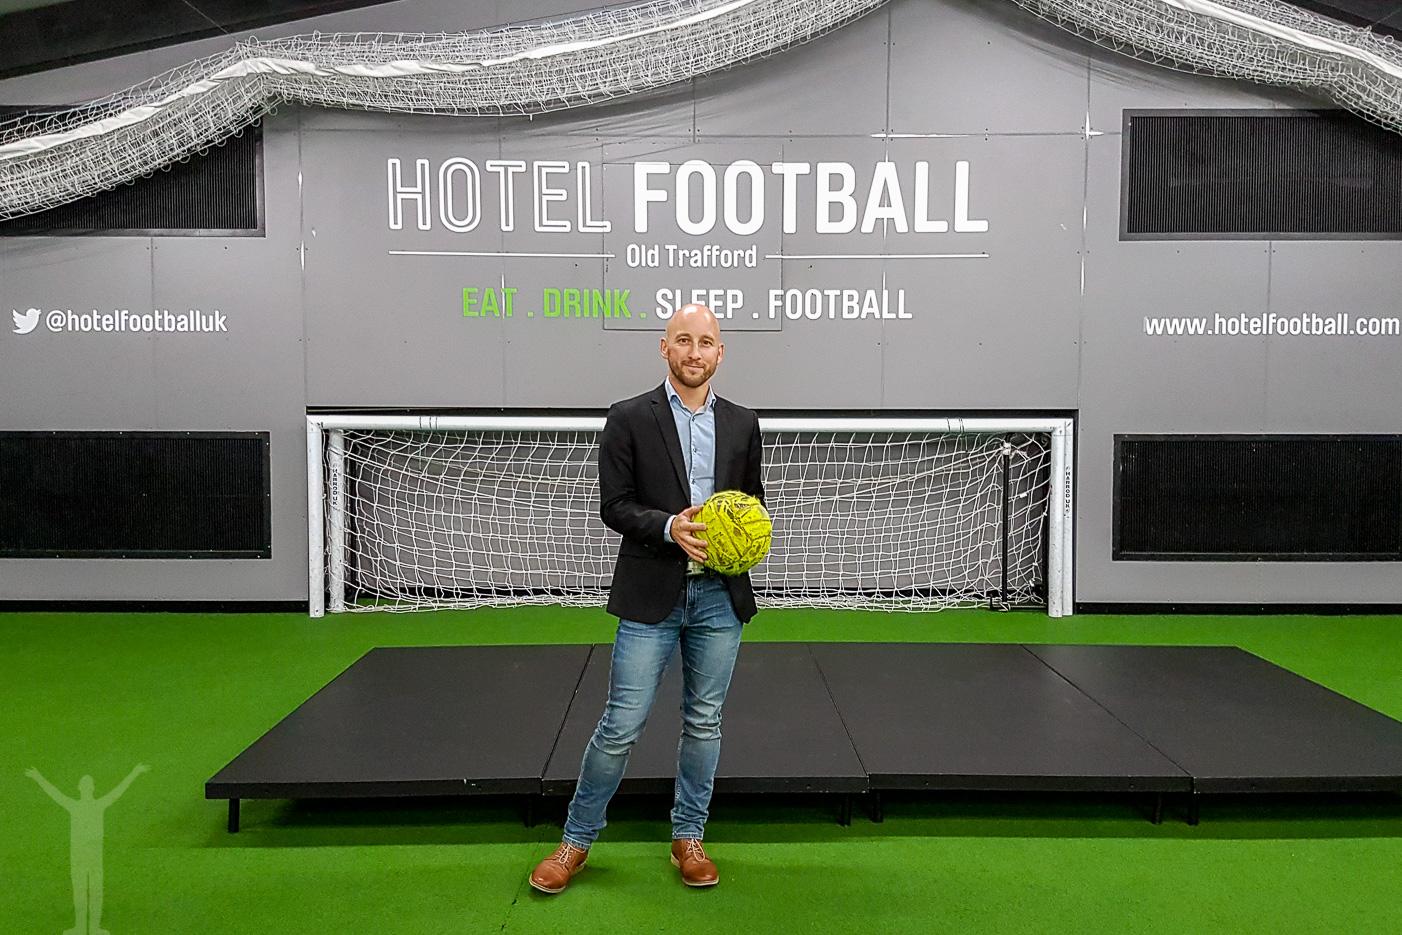 Spela fotboll på Hotel Football